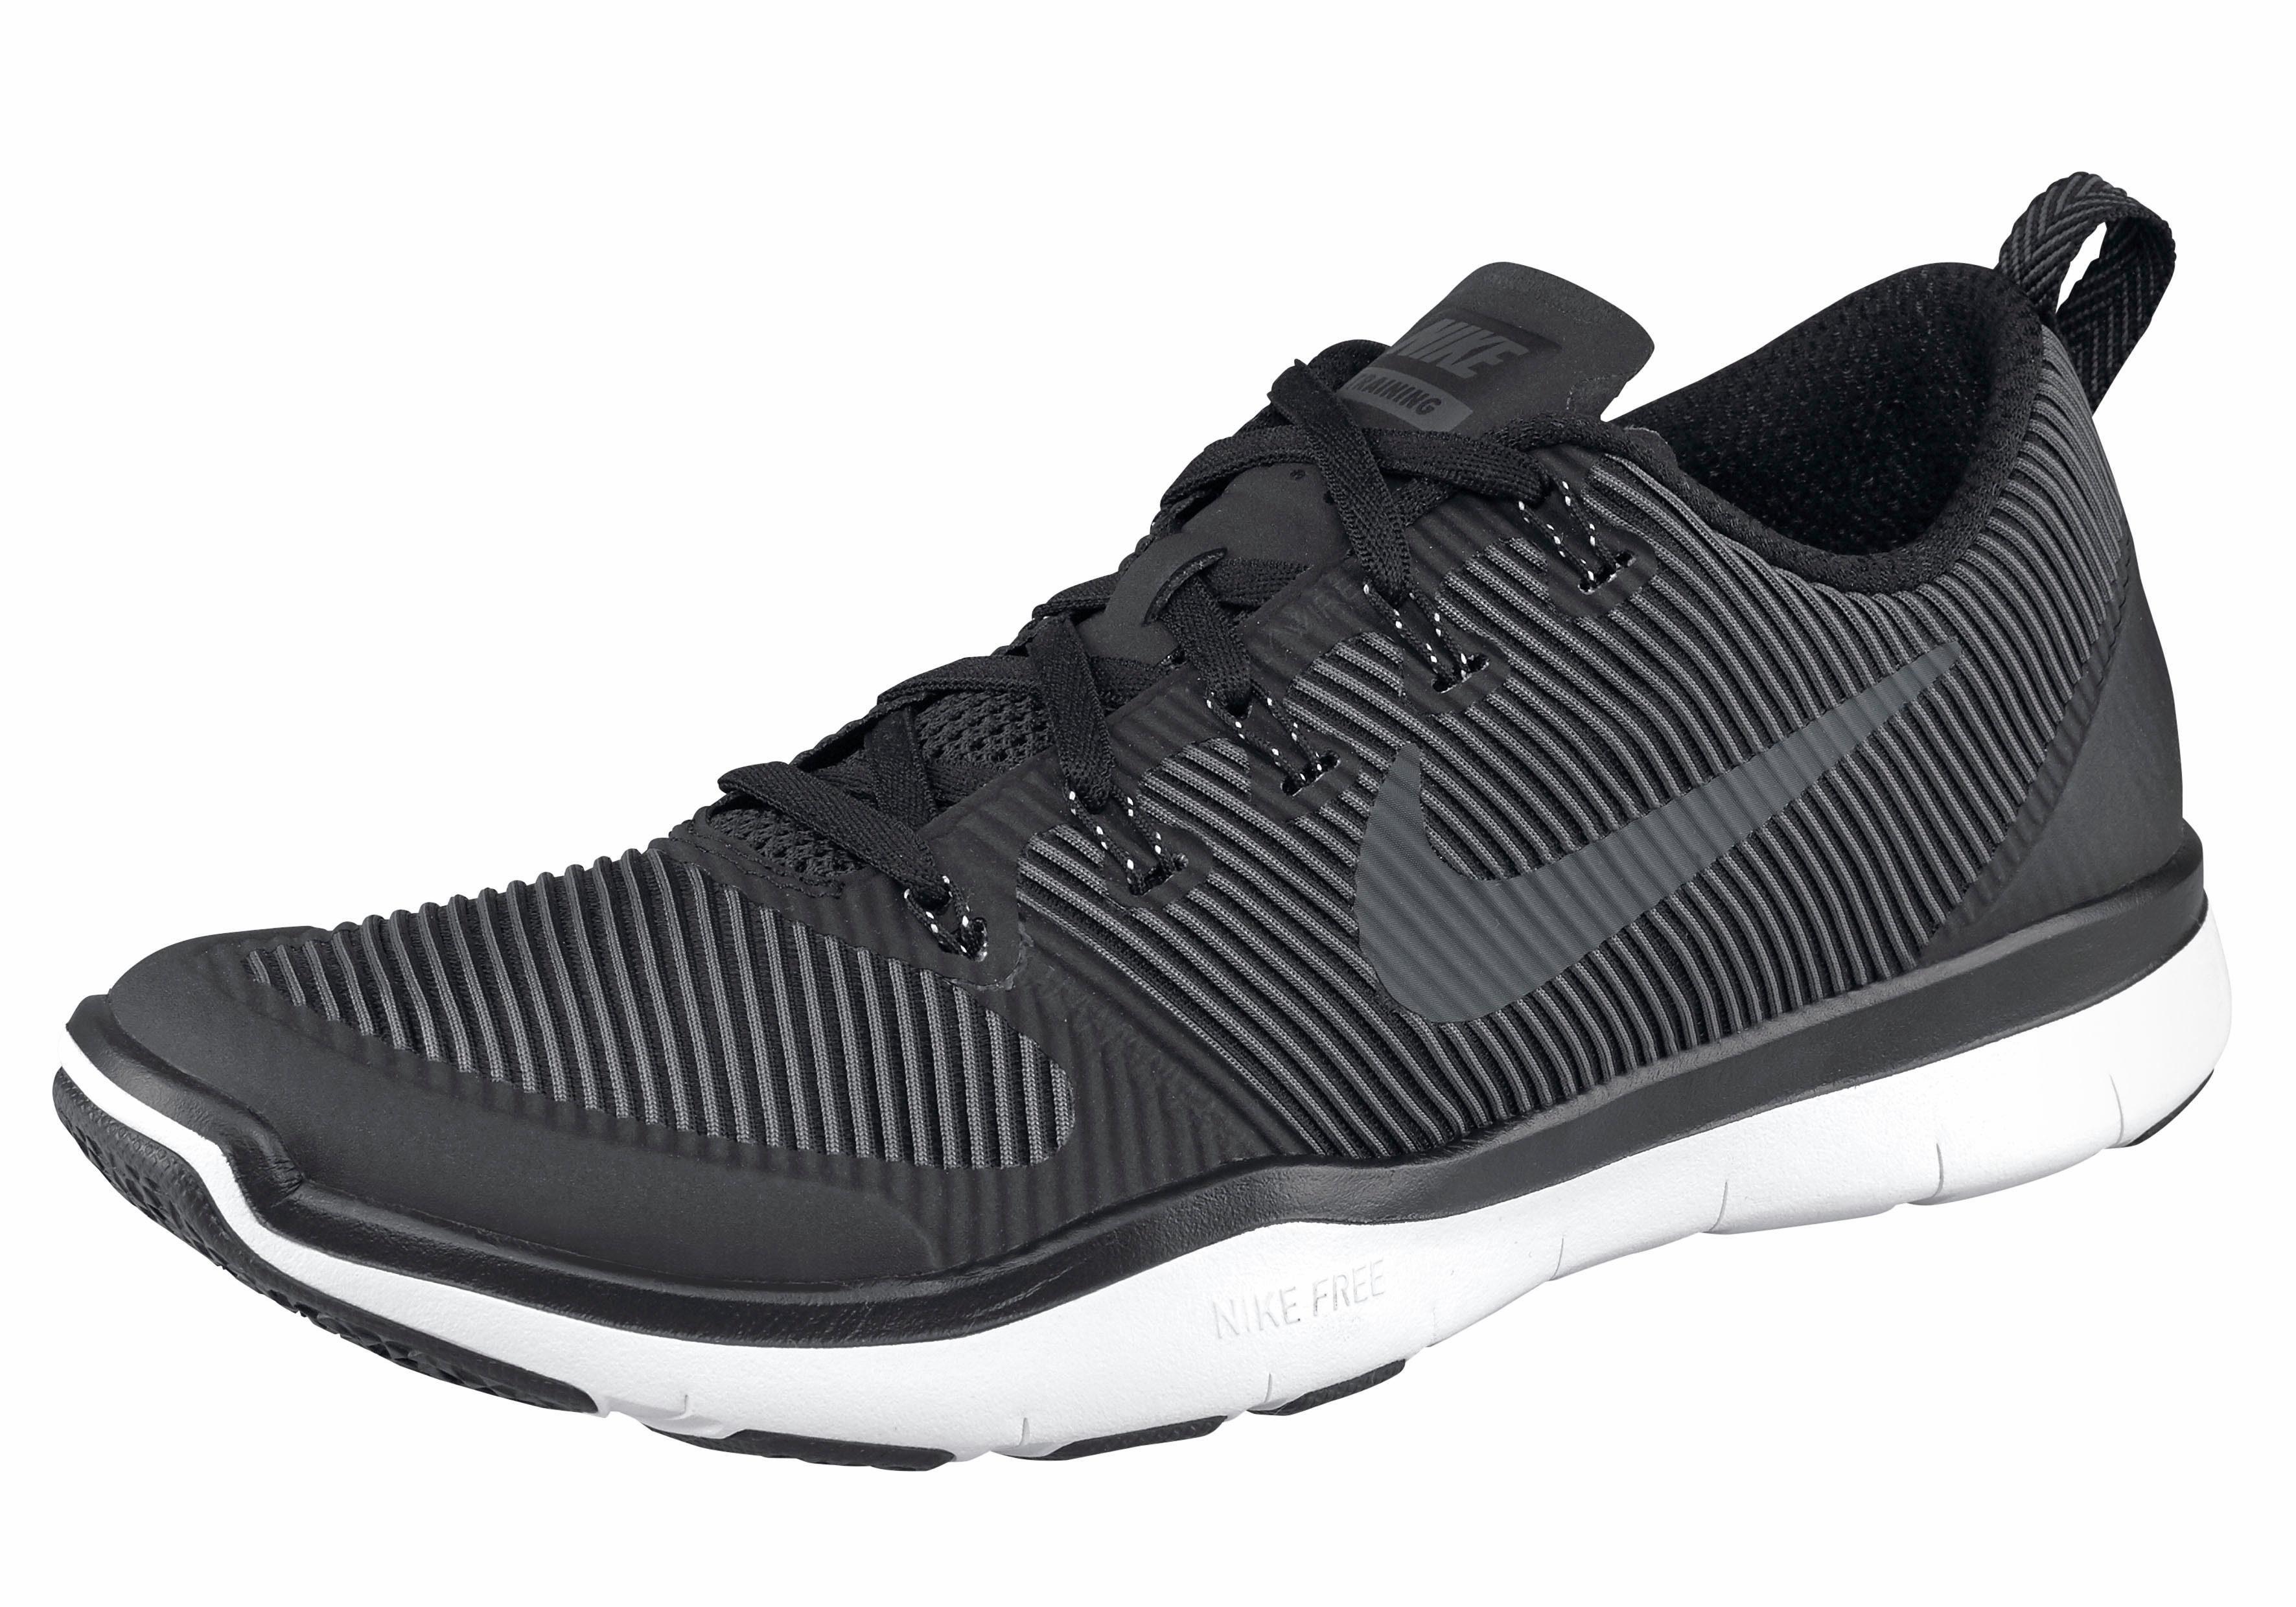 Kaufen Sie am besten billig Nike Free 5.0 V3 Damen